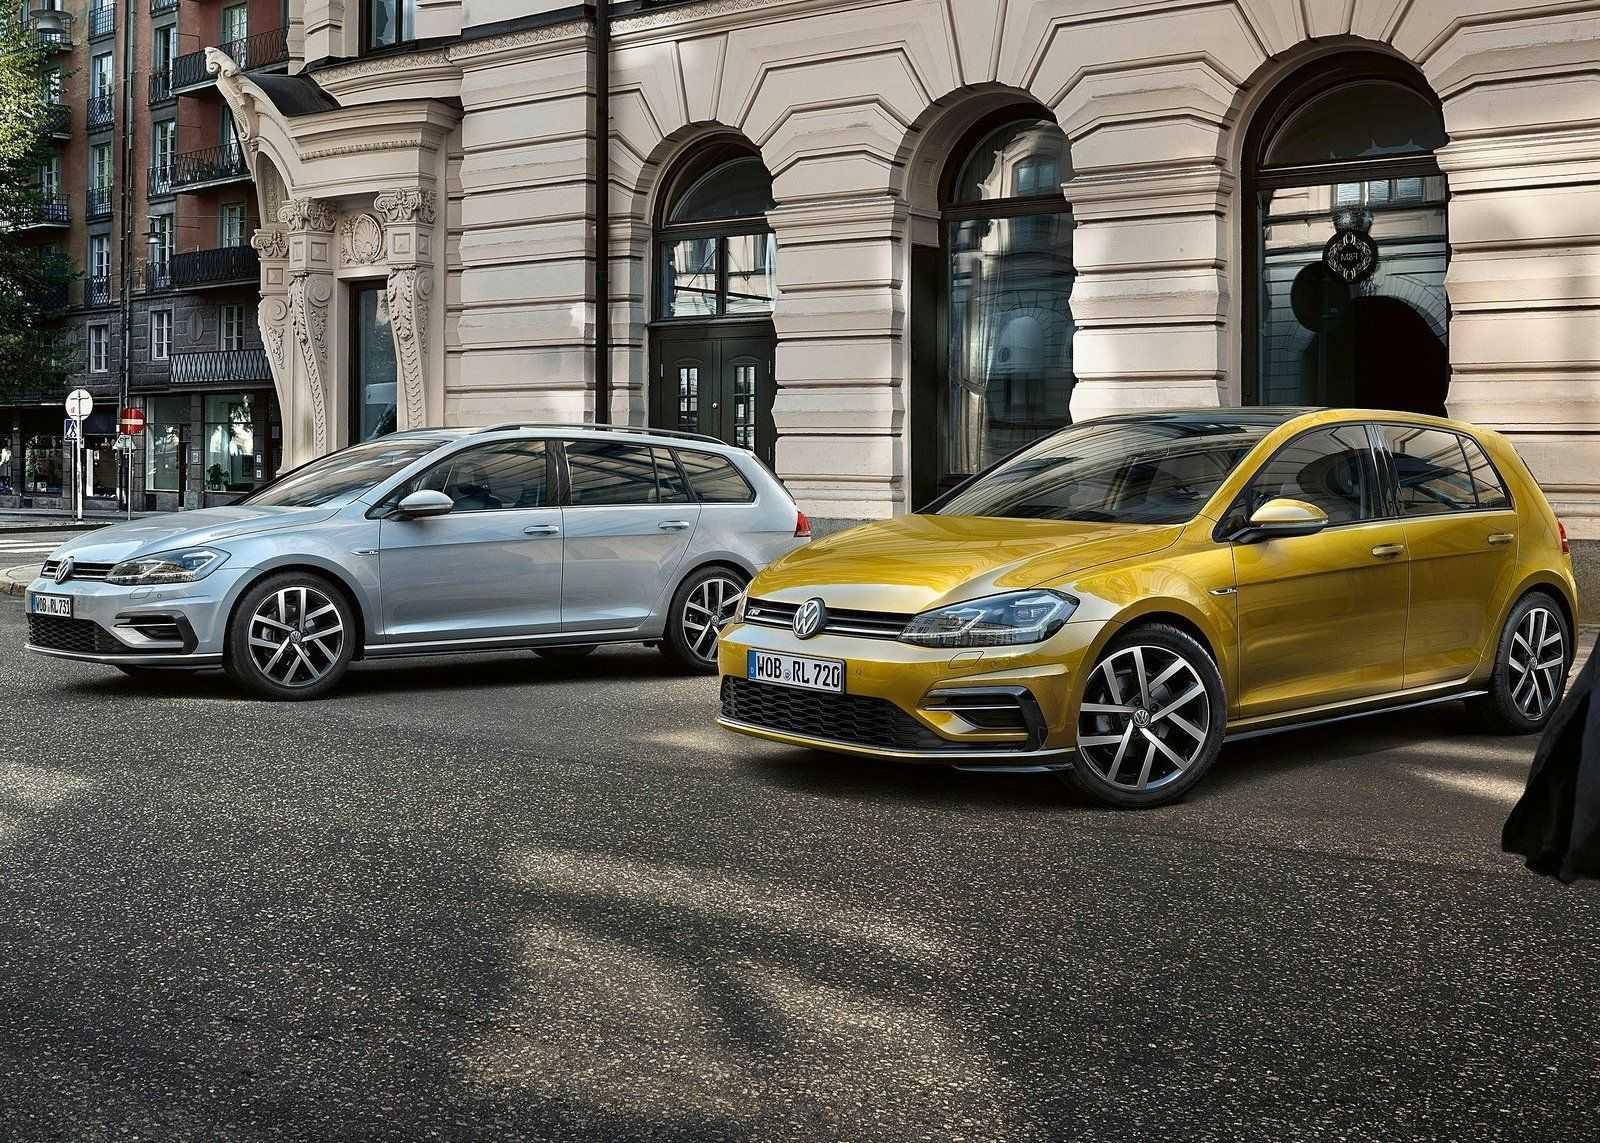 Volkswagen caddy 2021 скоро в россии! фото, цены, комплектации нового поколения